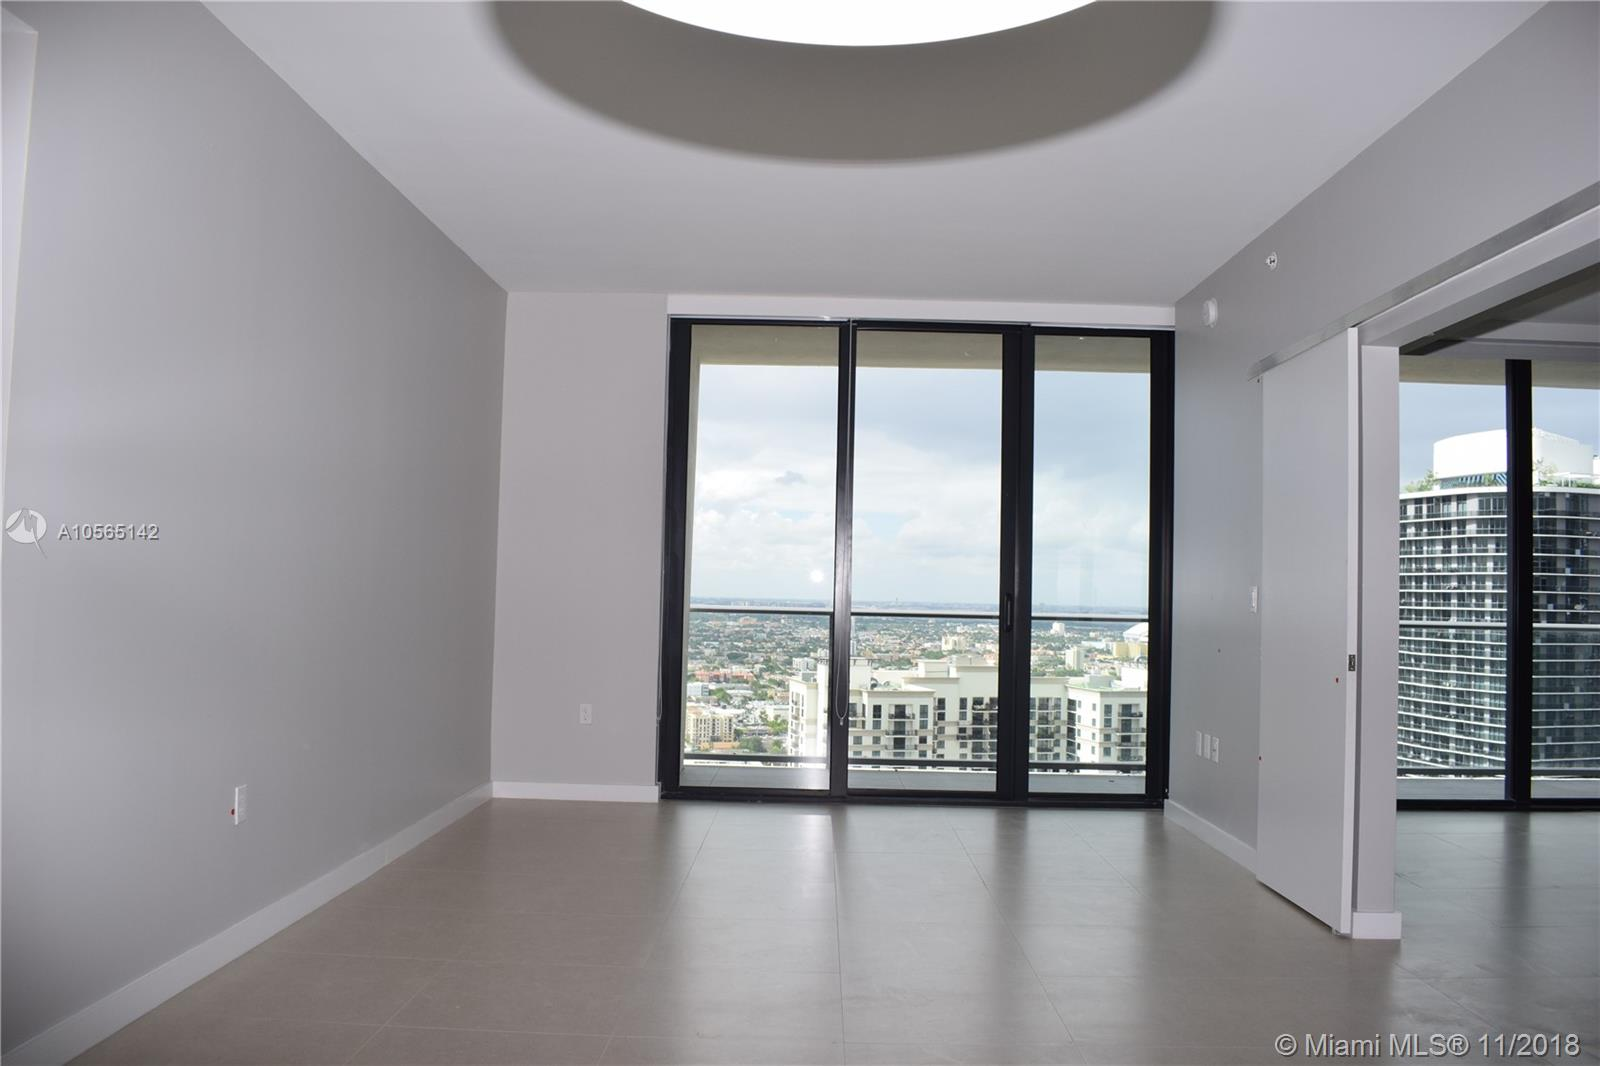 1010 Brickell Avenue, Miami, FL 33131, 1010 Brickell #4308, Brickell, Miami A10565142 image #2